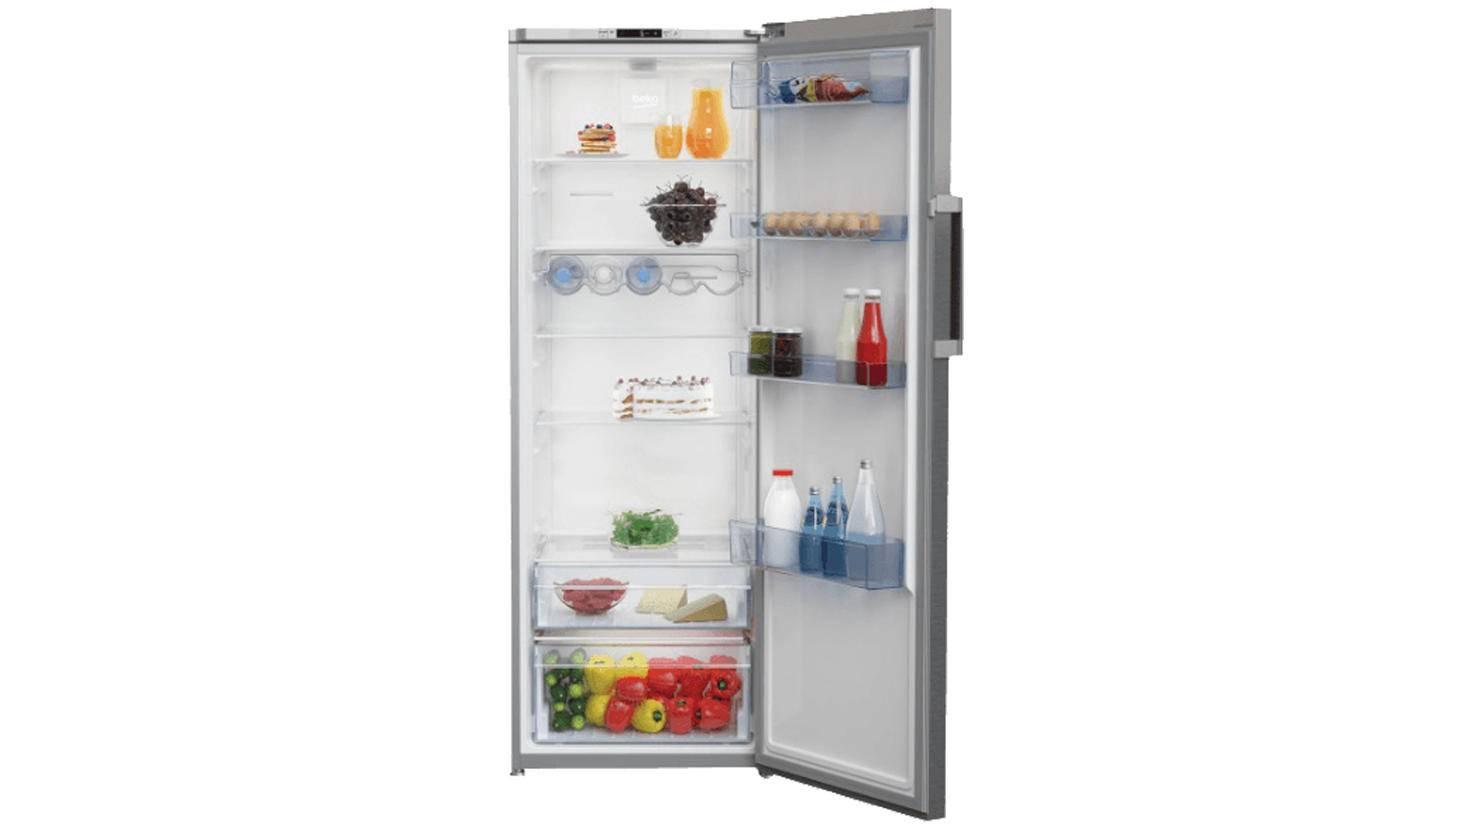 BEKO RSNE 415 T34XP kühlschrank